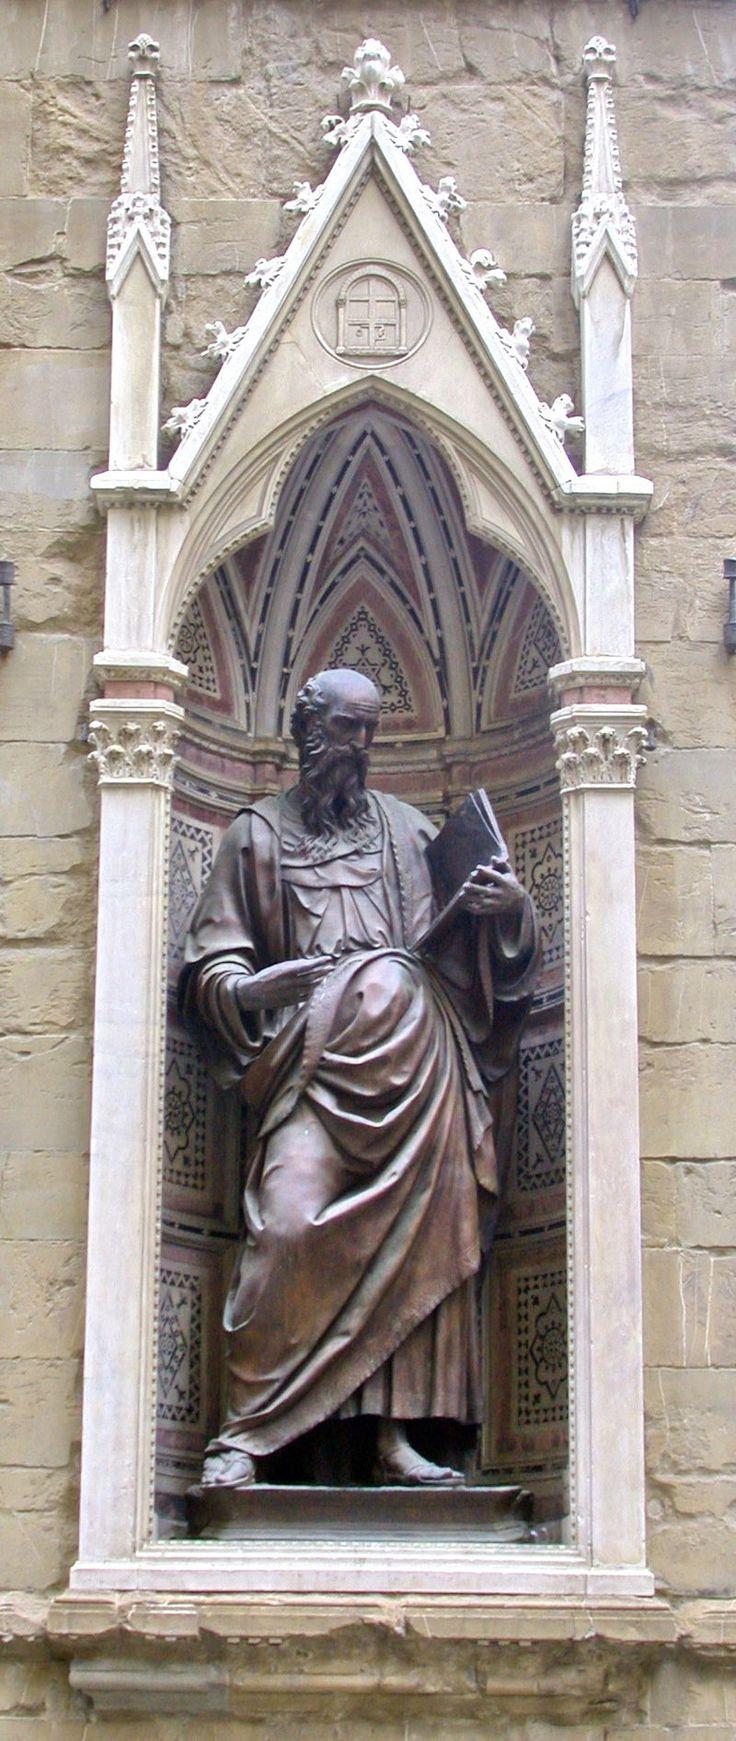 Firenze Orsanmichele statua in bronzo di San Giovanni Evangelista di Baccio da Montelupo nella nicchia dell'Arte della Seta